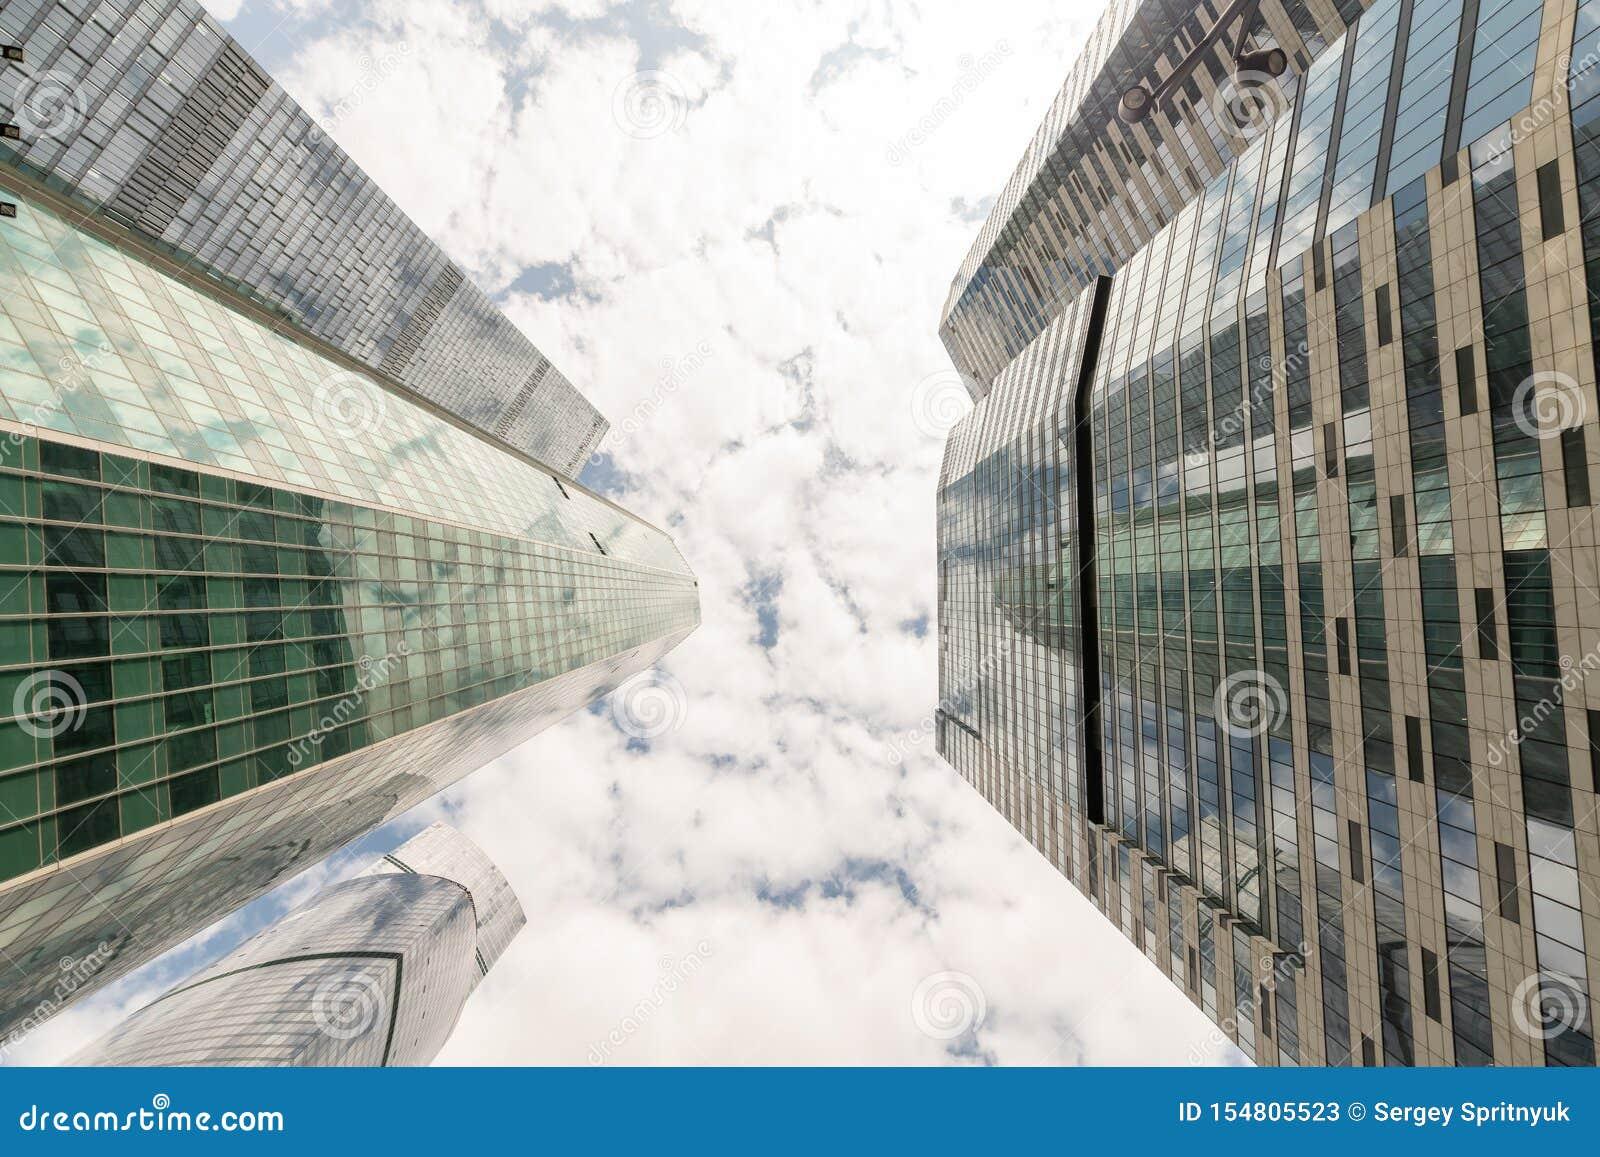 Gemensamma moderna aff?rsskyskrapor, h?ghus, arkitektur som lyfter till himlen, sol Begrepp av finansiellt, nationalekonomi